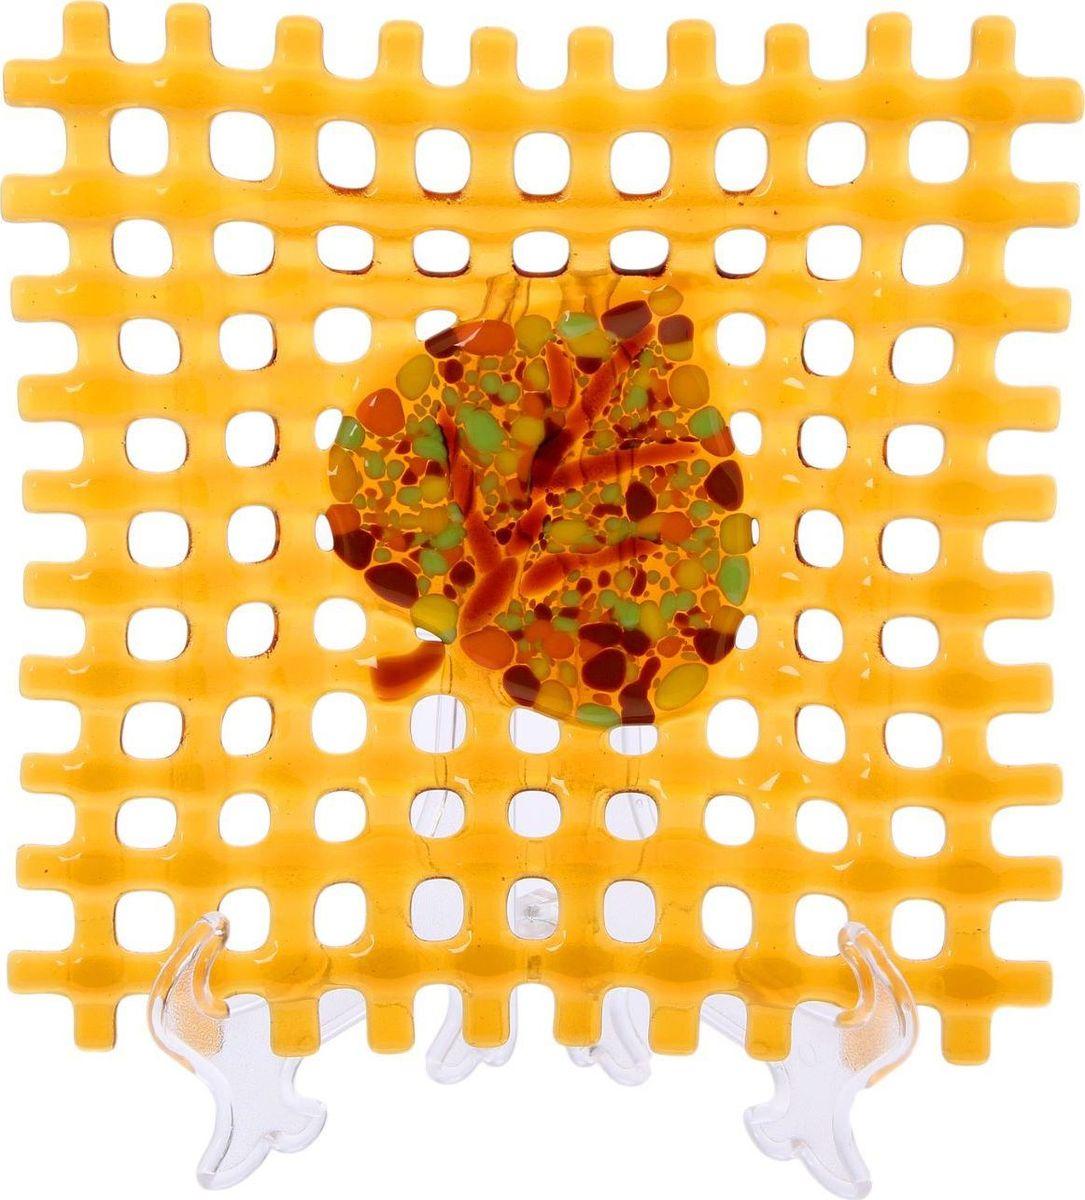 Тарелка декоративная Декостек Соломка, цвет: оранжевый, 21 см. 22617622261762Оригинальная посуда — свидетельство особого отношения хозяев дома к гостям. Изделия изготовлены необычным образом: несколько видов стекла спекаются в печи при температуре около 800 градусов. В результате этого получается уникальный продукт, по внешнему виду сходный с витражом. Стекло, полученное с помощью фьюзинга, отличают особенная прозрачность и глубина цвета, оно сохраняет оттенок и не подвержено старению.Особенности предмета:тщательная обработка рельефа поверхности;высококачественный узор;высокая прочность – изделия можно мыть в посудомоечной машине.Такой предмет станет прекрасным подарком по любому случаю. В комплект входит подставка и декоративная коробка.